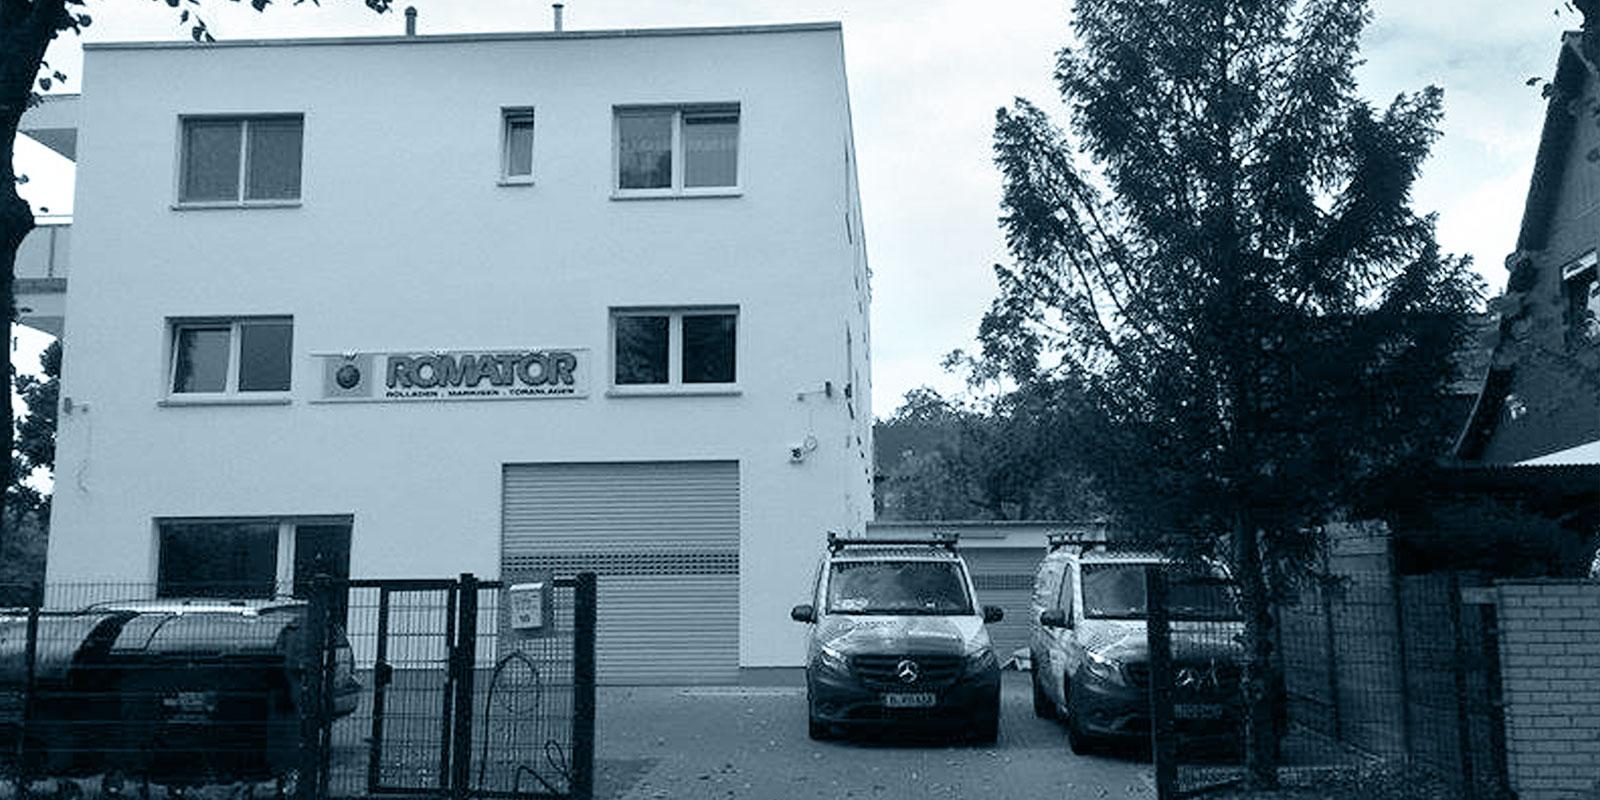 Romator GmbH